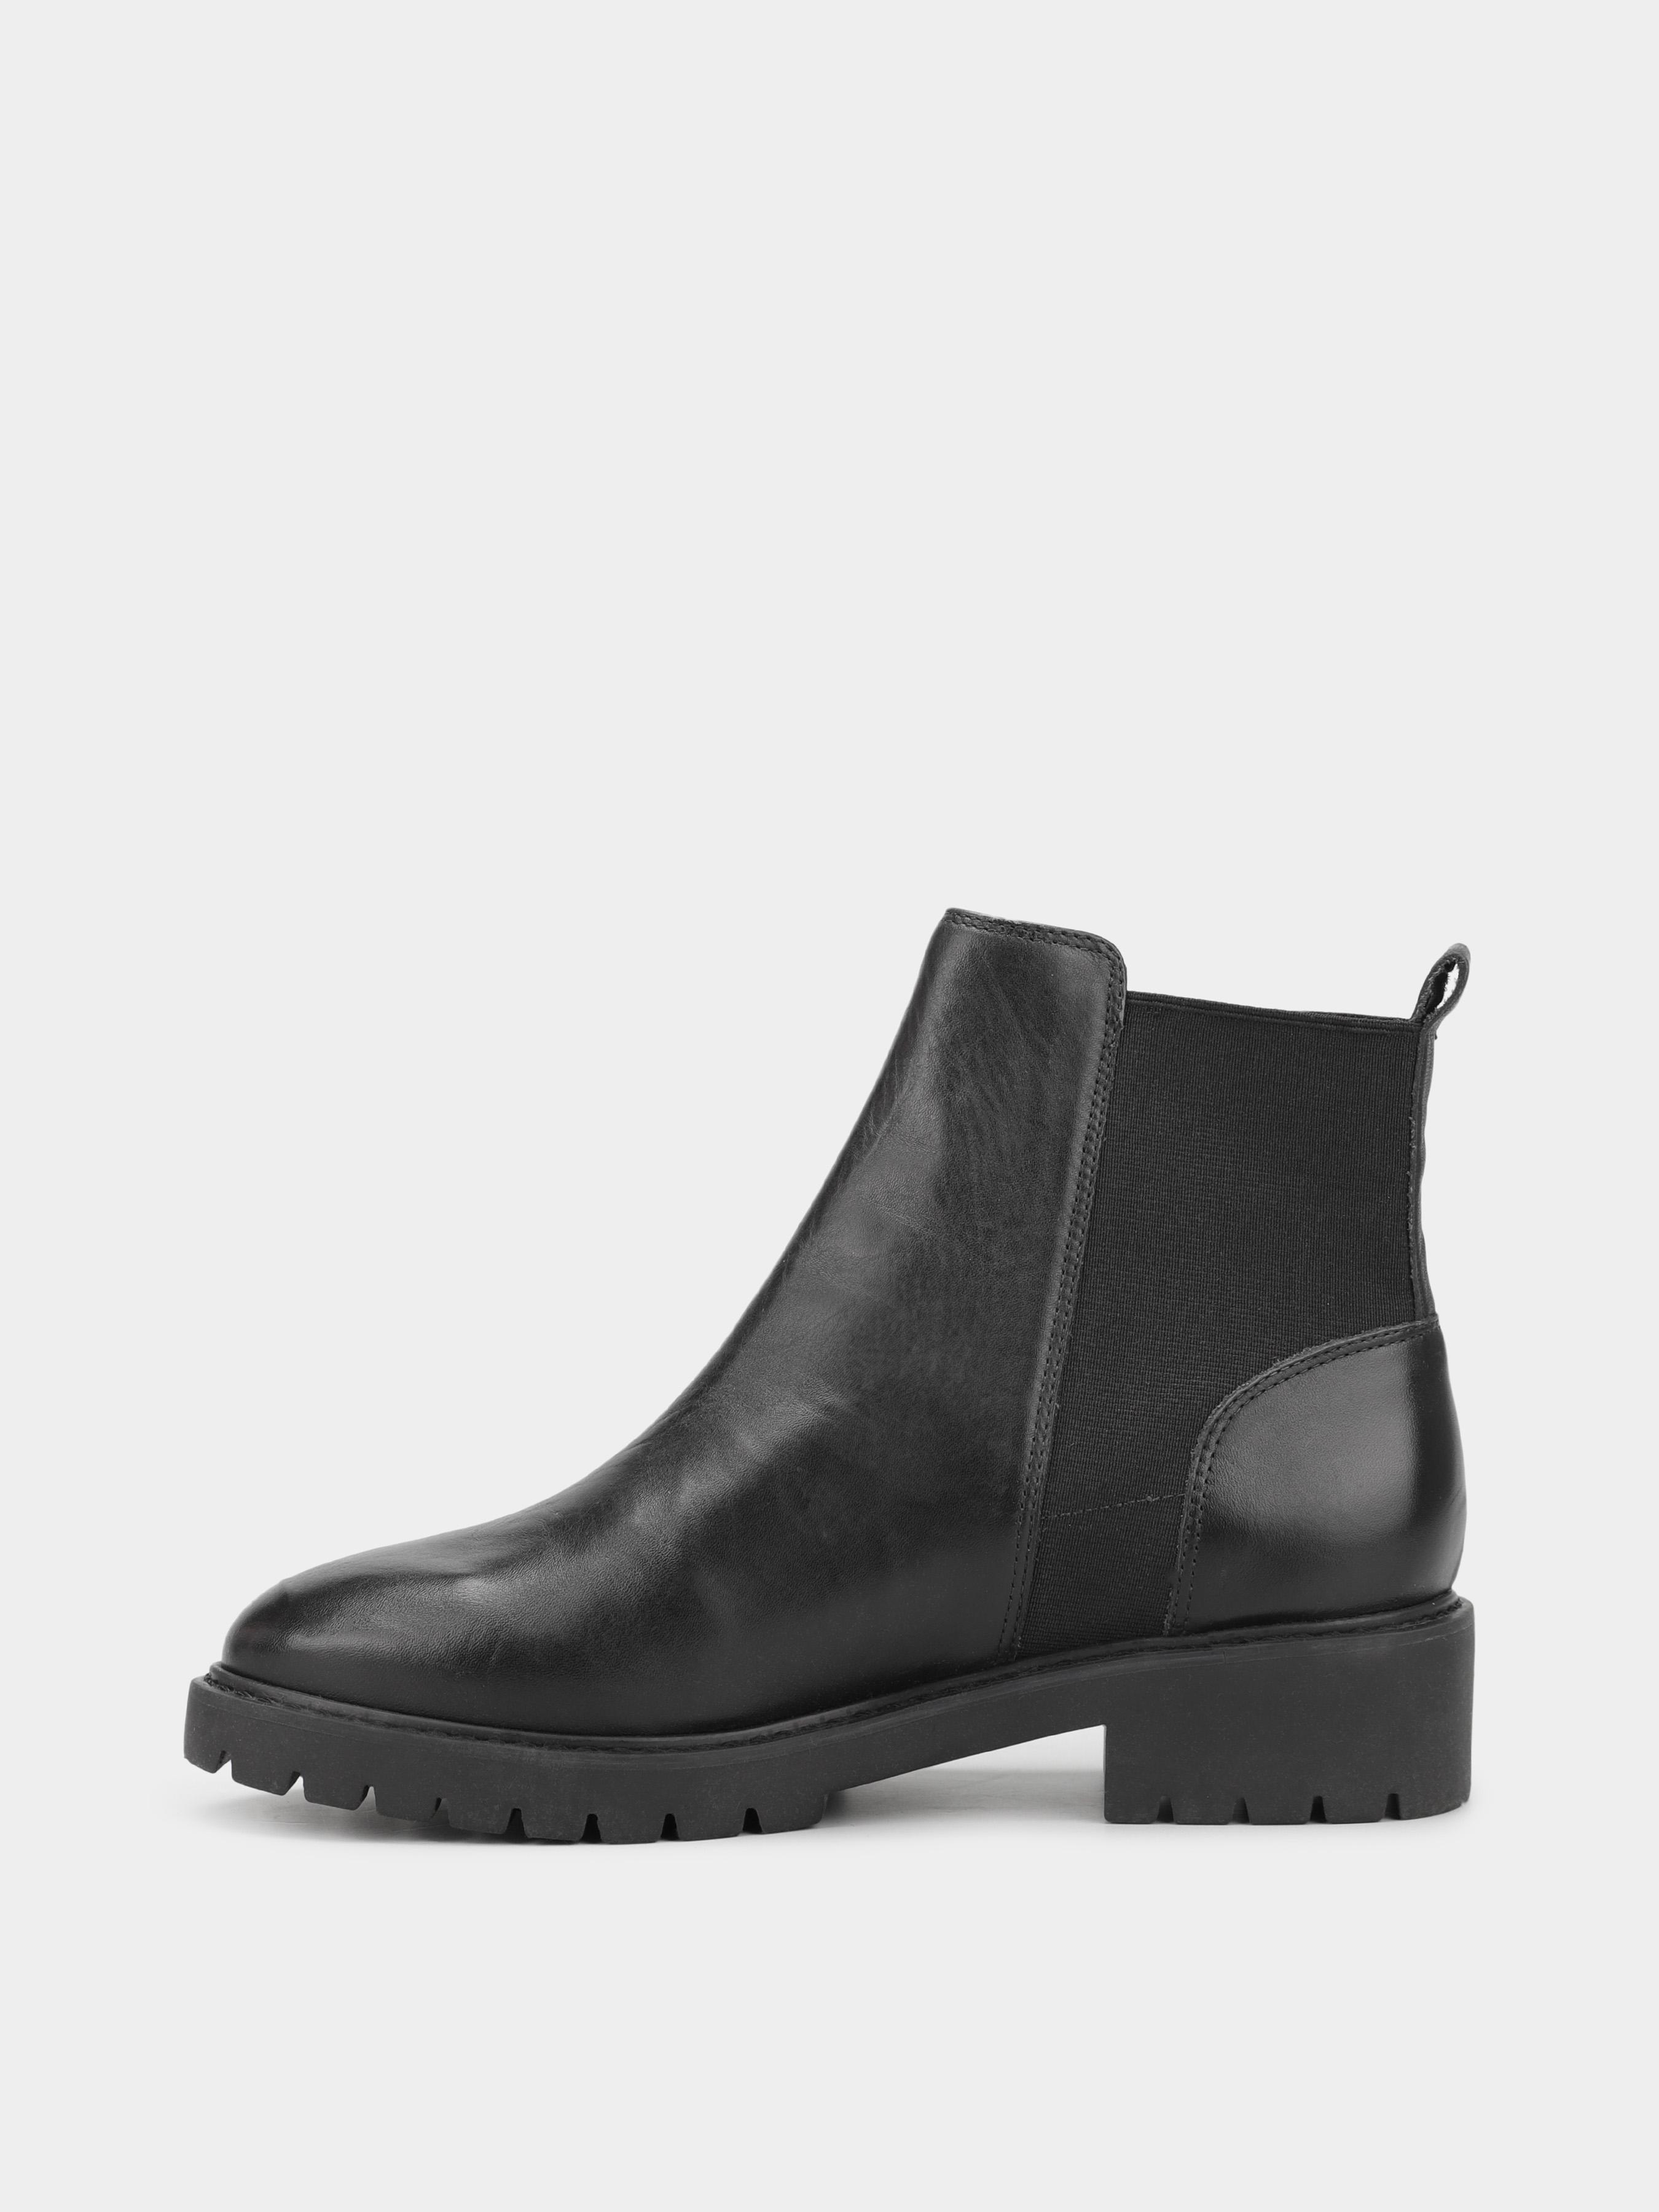 Ботинки для женщин Arezzo 5Z46 цена, 2017